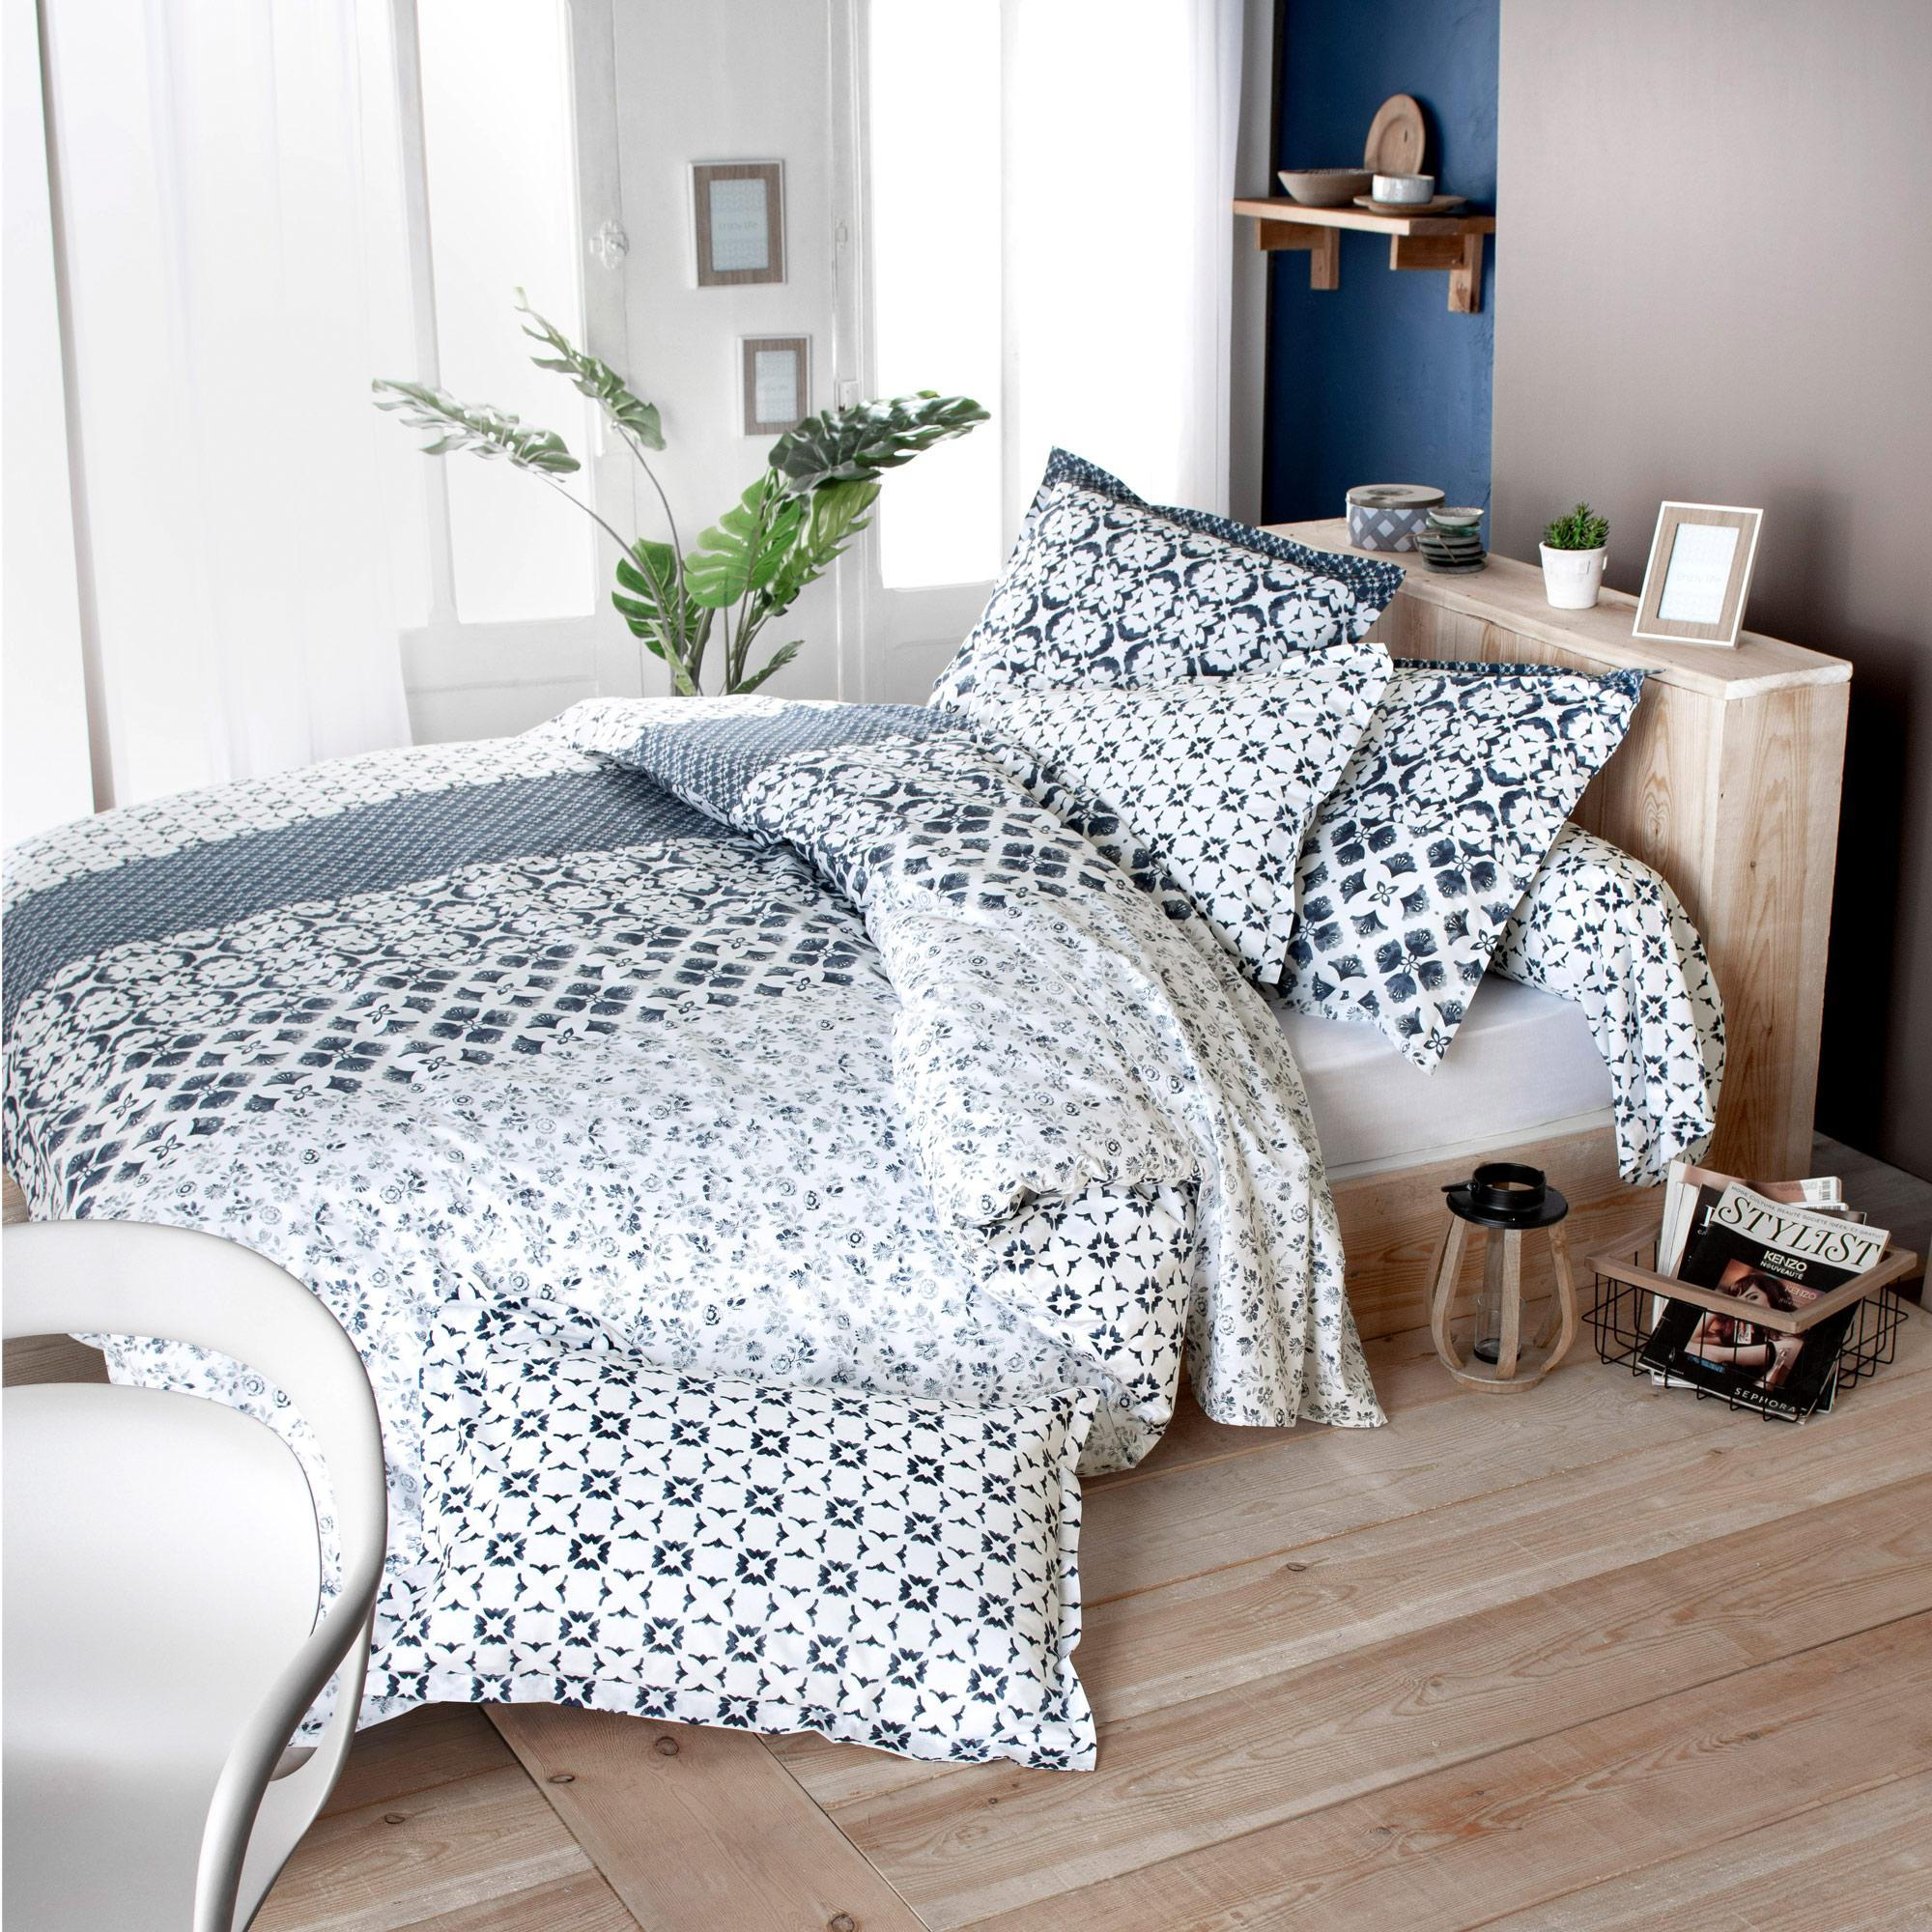 Parure De Lit 200x200.Parure De Lit 200x200 Cm 100 Coton Padang Bleu 3 Pieces